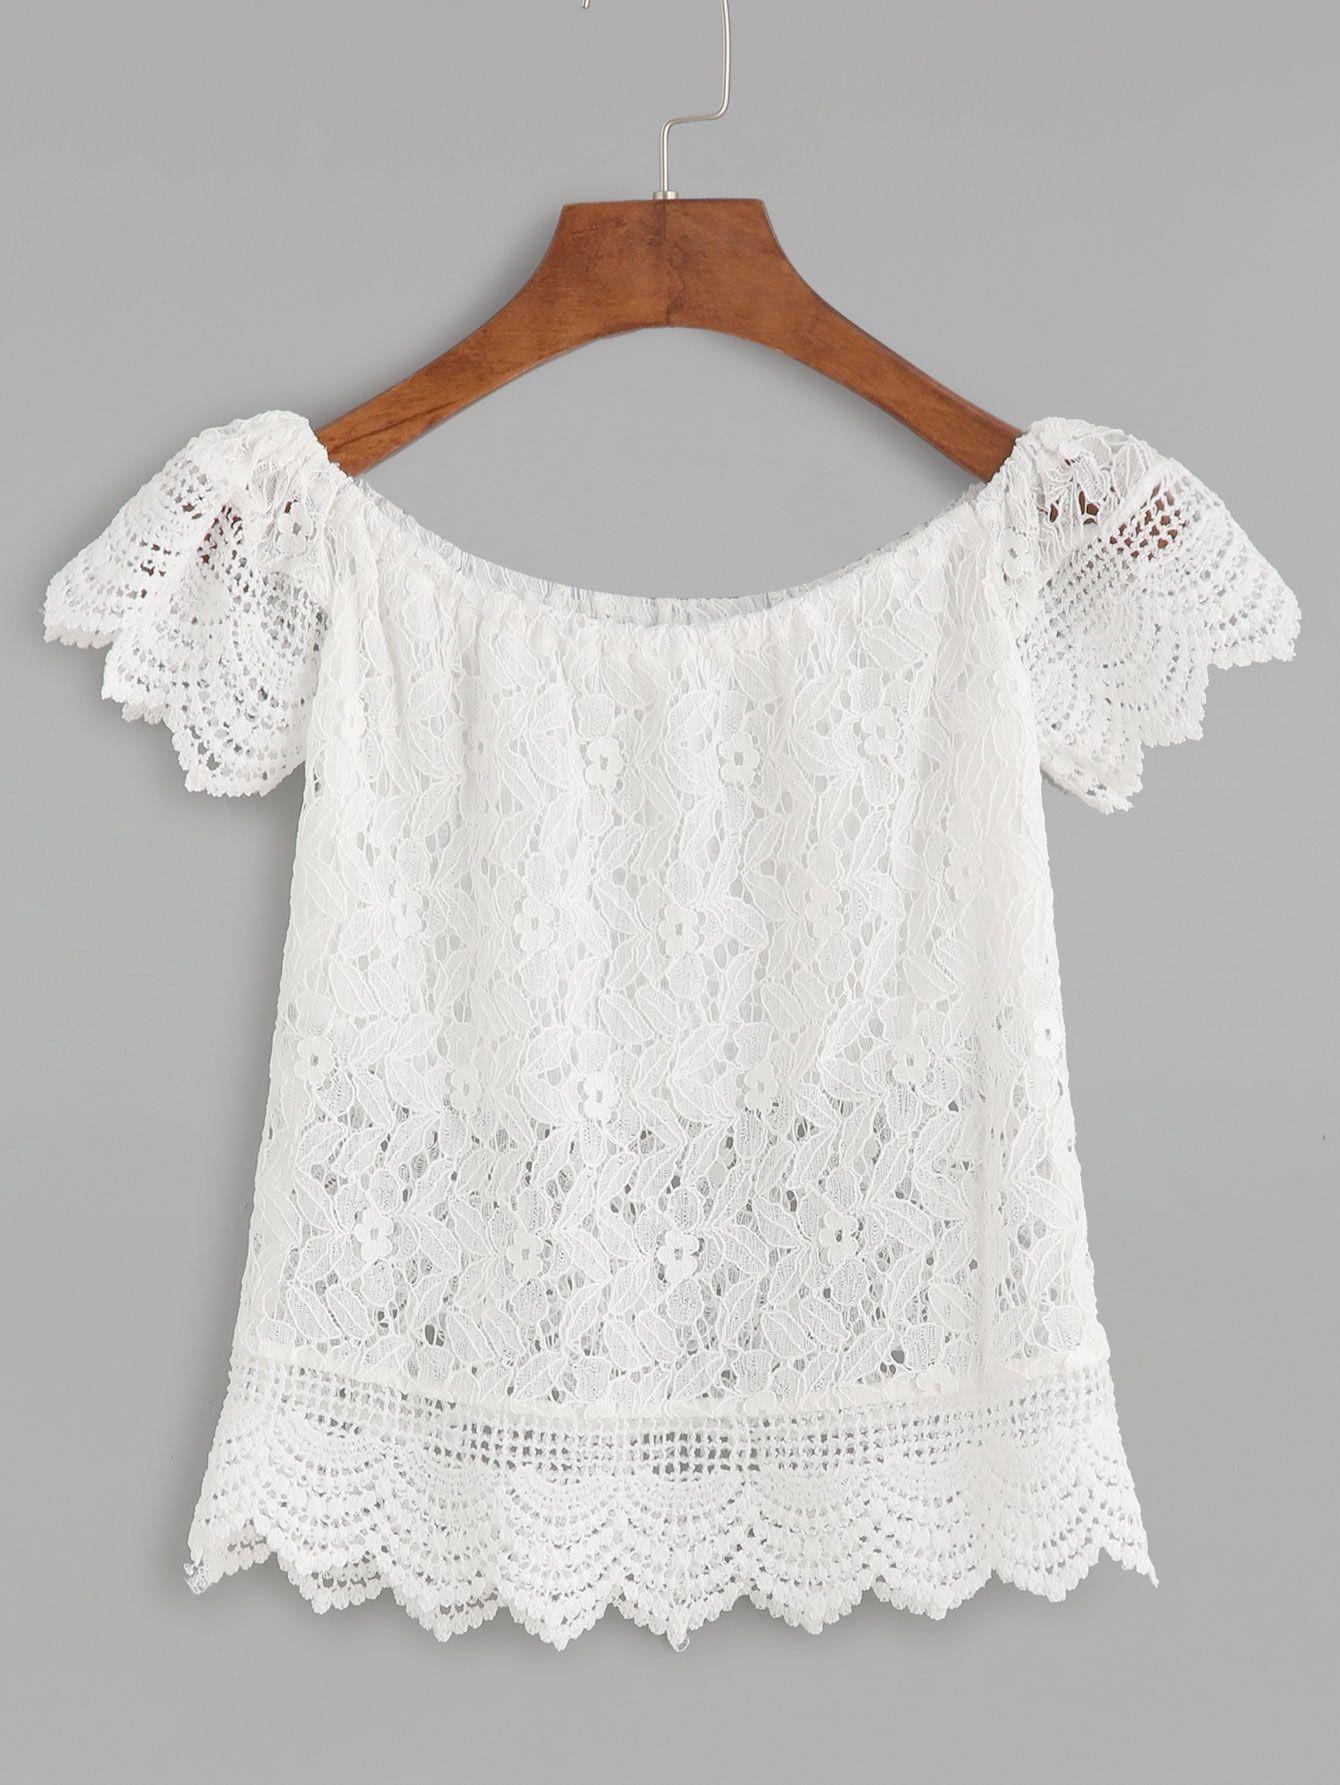 Blusa escote barco crochet encaje festoneado hueca | behua Patrones ...